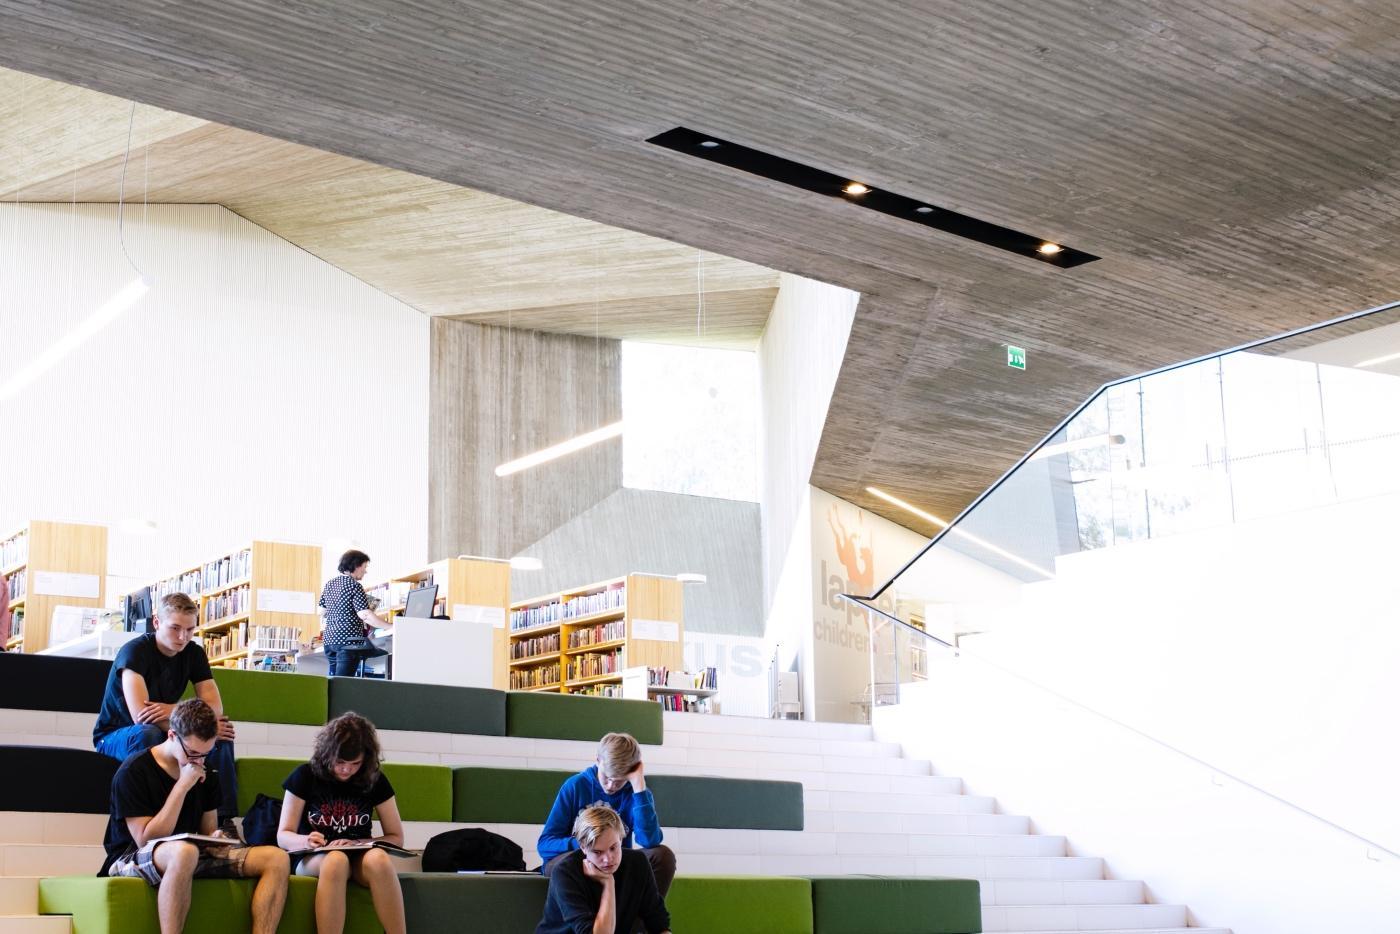 Seinäjoen uudesta Apila-kirjastosta on yhteys Aalto-kirjastoon. Kuva: Visit Seinäjoki, Katja Lösönen.